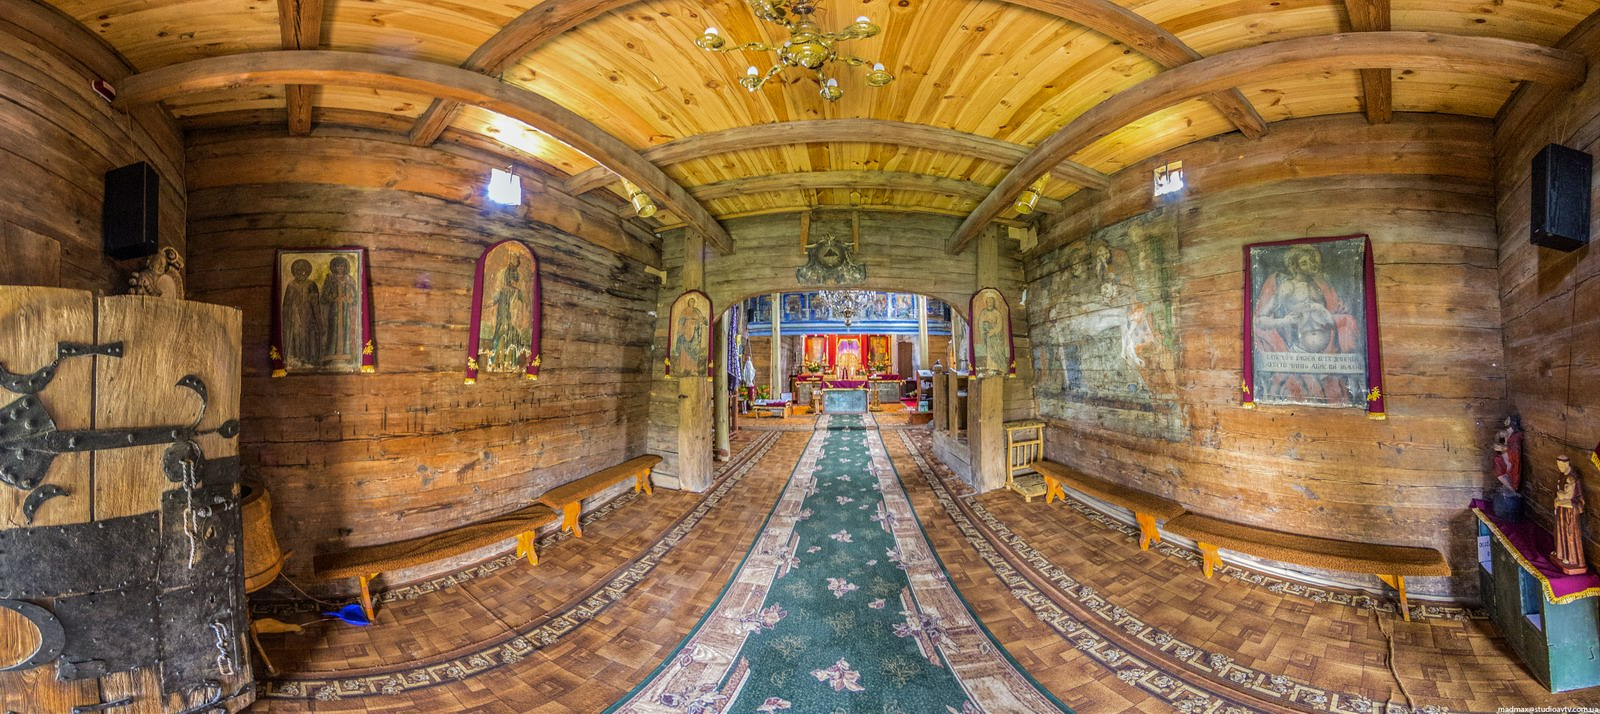 The Oldest Wooden Church In The Lviv Region 183 Ukraine